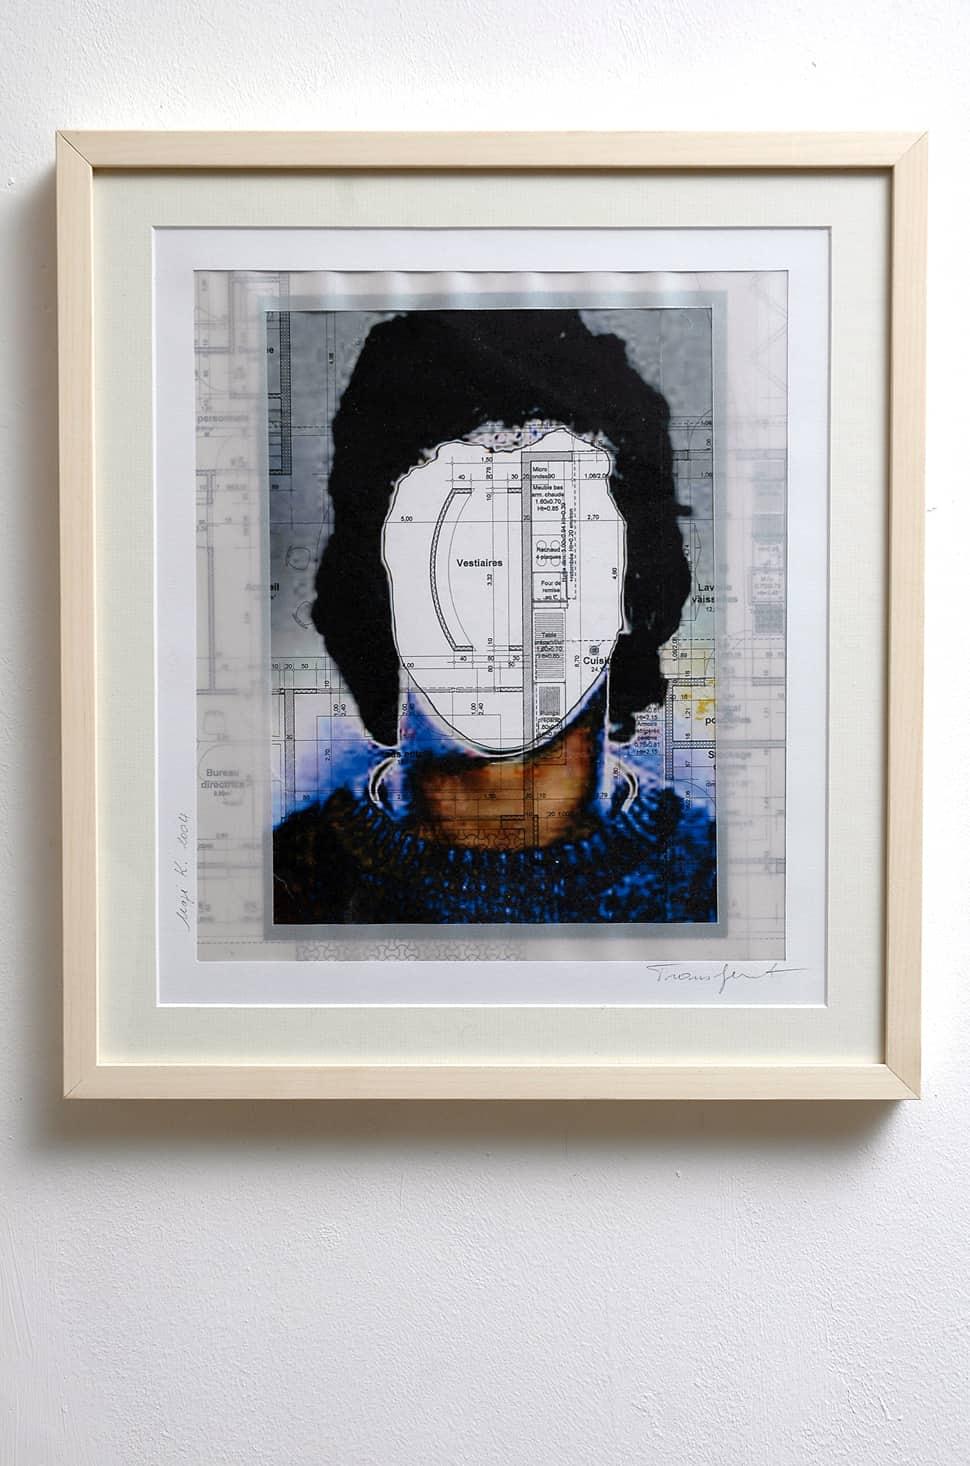 Transfert, 2004/06 Portrait sur plan d'architecture 42 x 37 cm ©Naji Kamouche